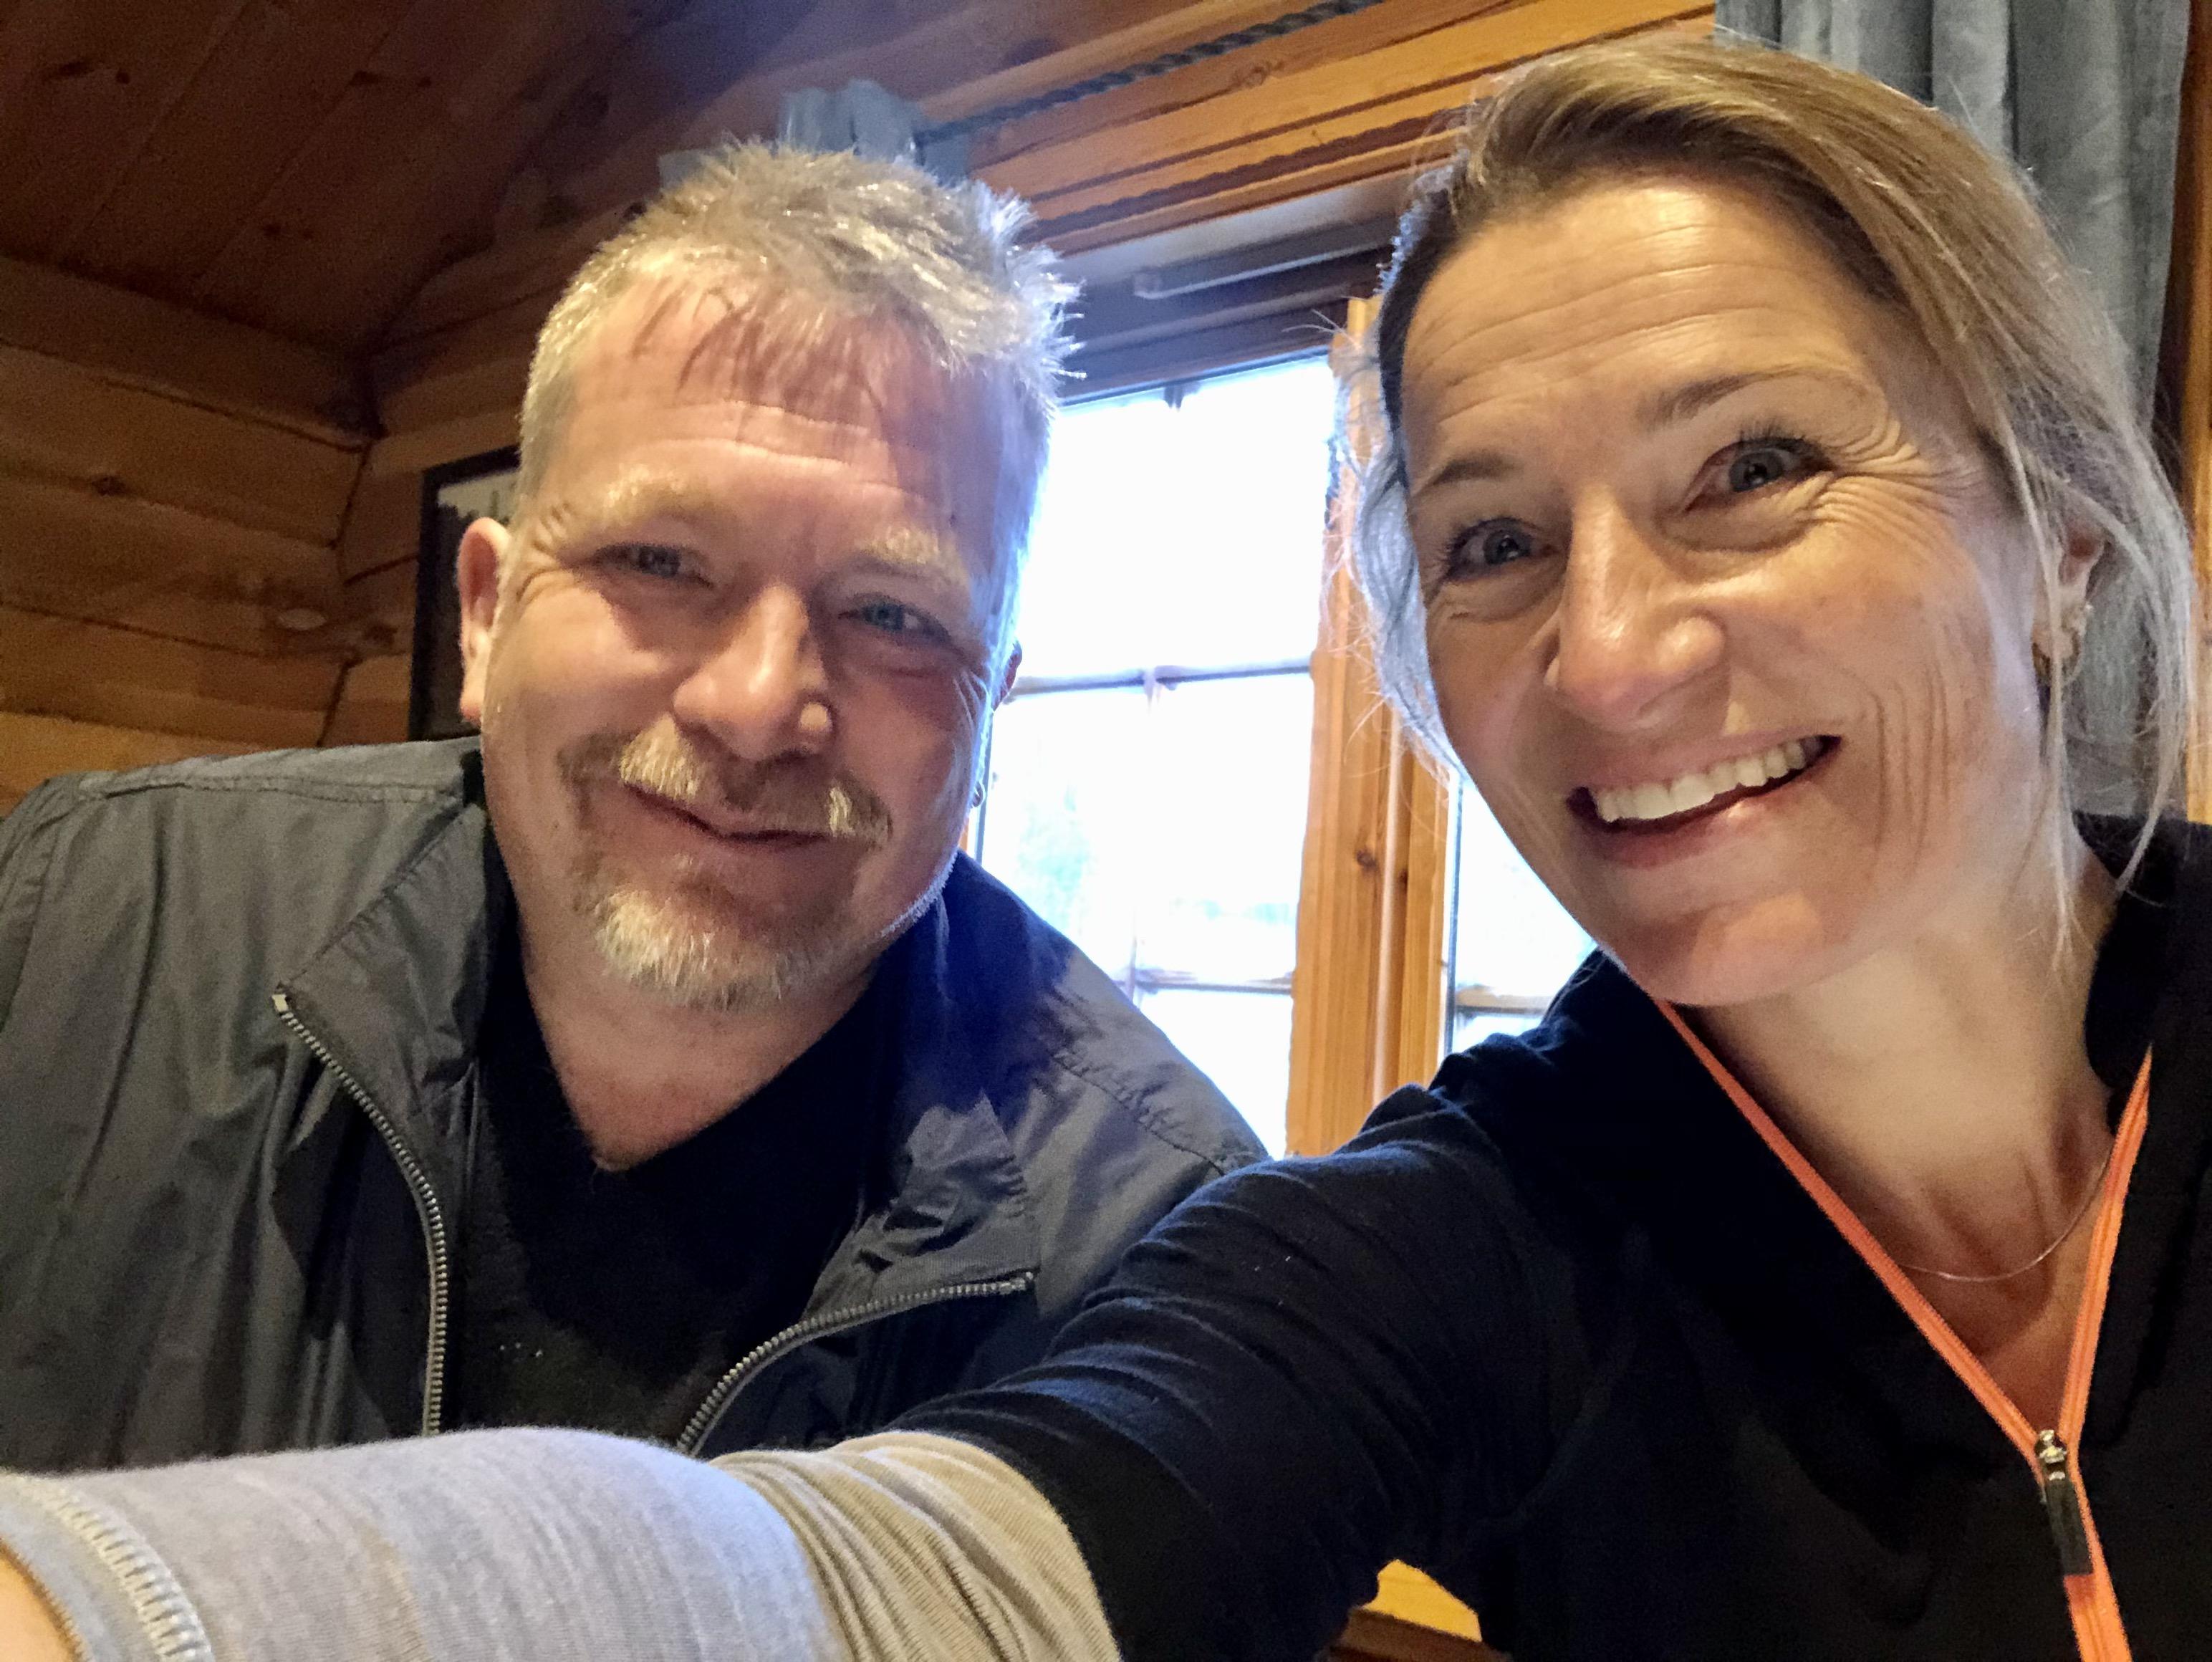 Morten og undertegnede i Hoppkafeen etter trening.